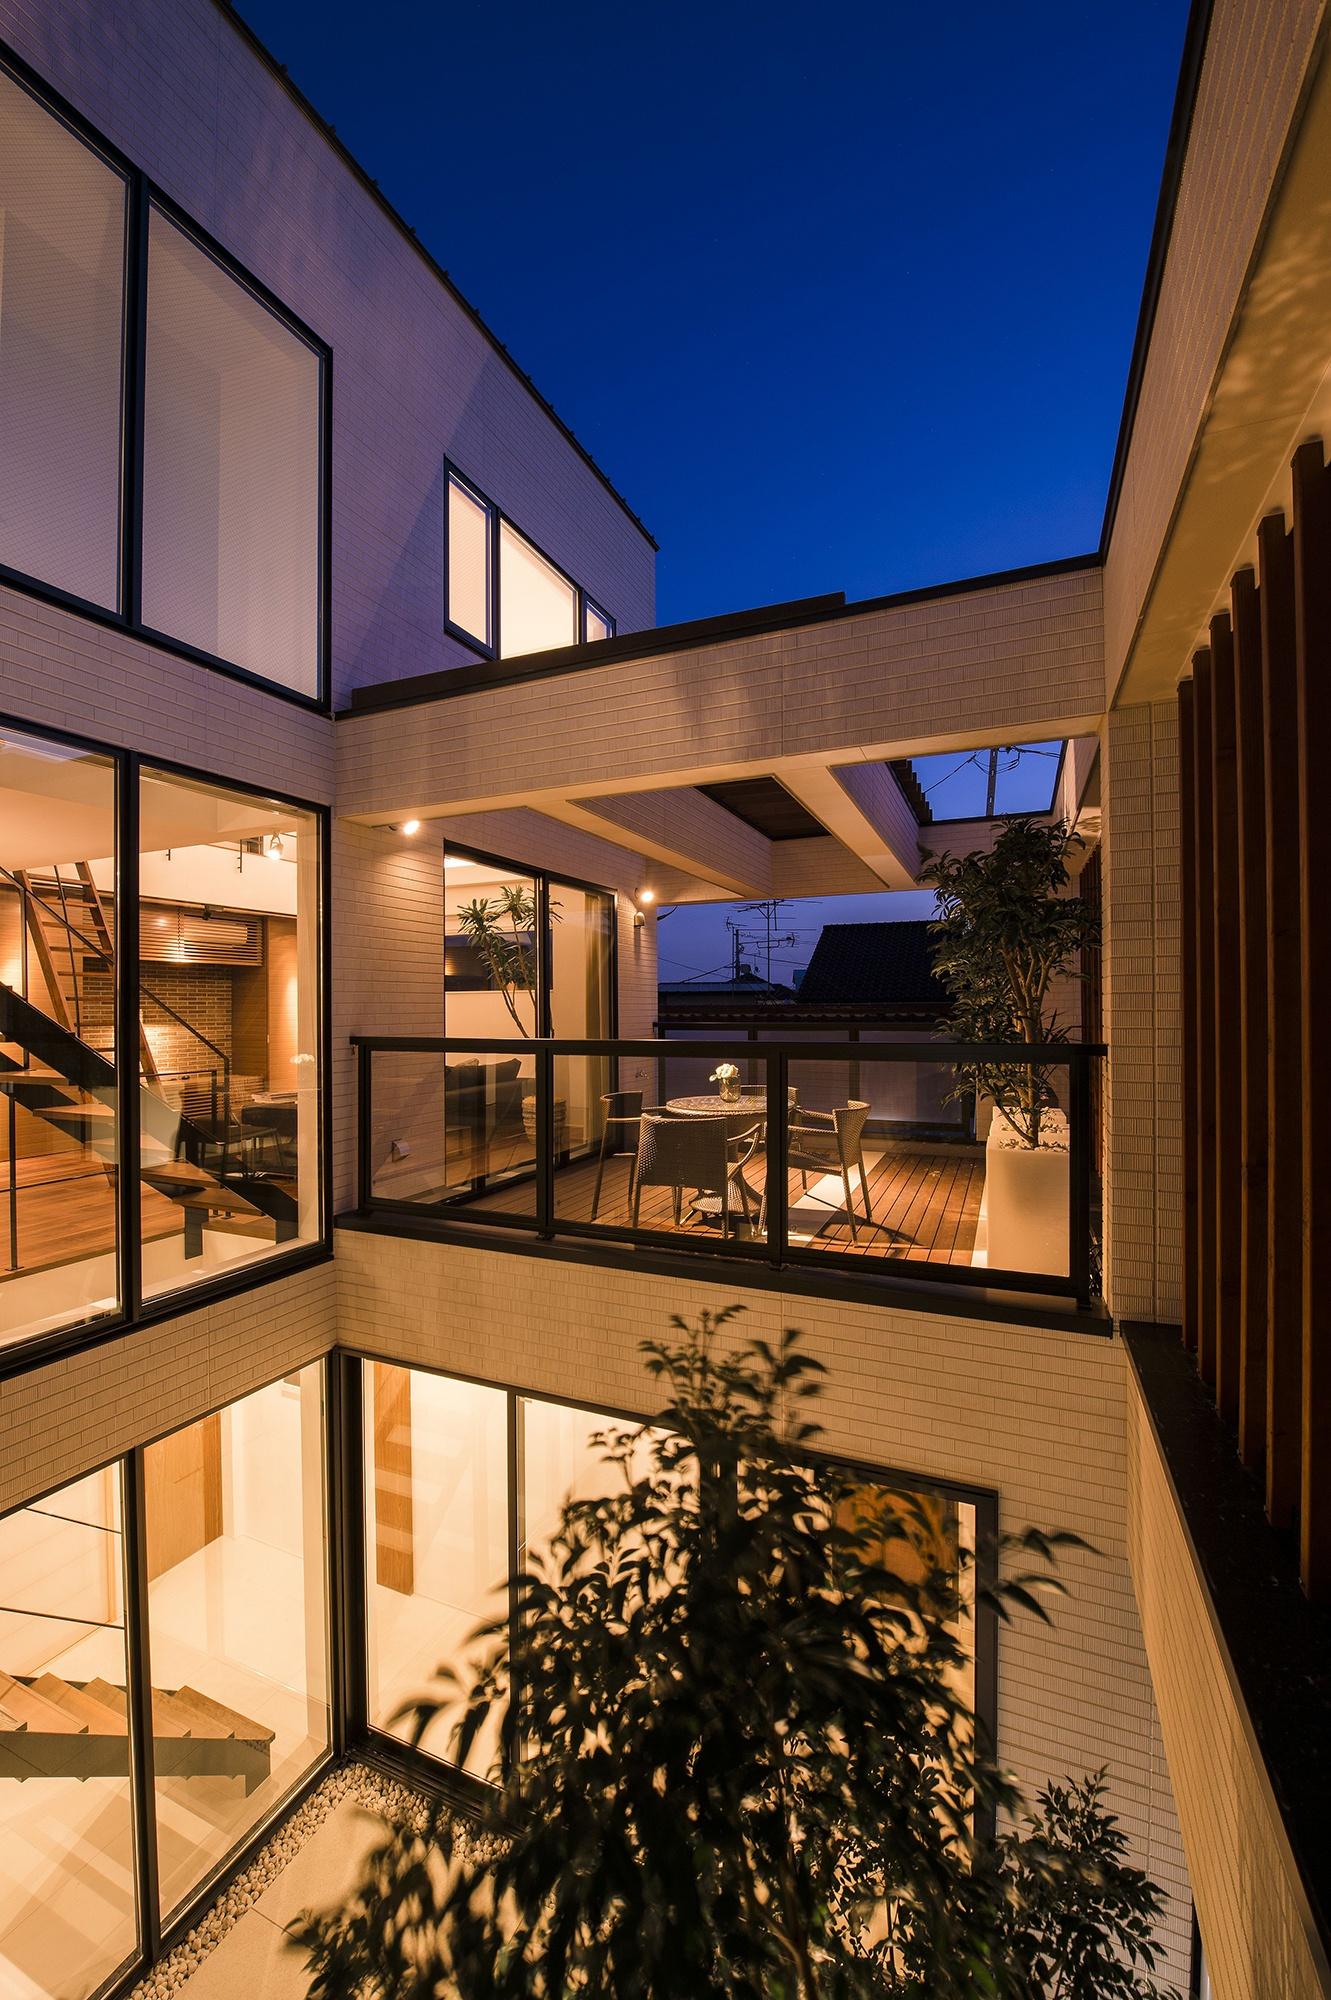 【パティオのデザイン4】上階のパティオは、風が吹き抜ける快適空間